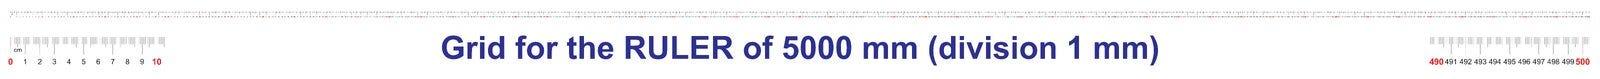 Grille pour une règle de 5000 millimètres, 500 centimètres, 5 mètres Grille de calibrage Division de valeur 1 millimètre